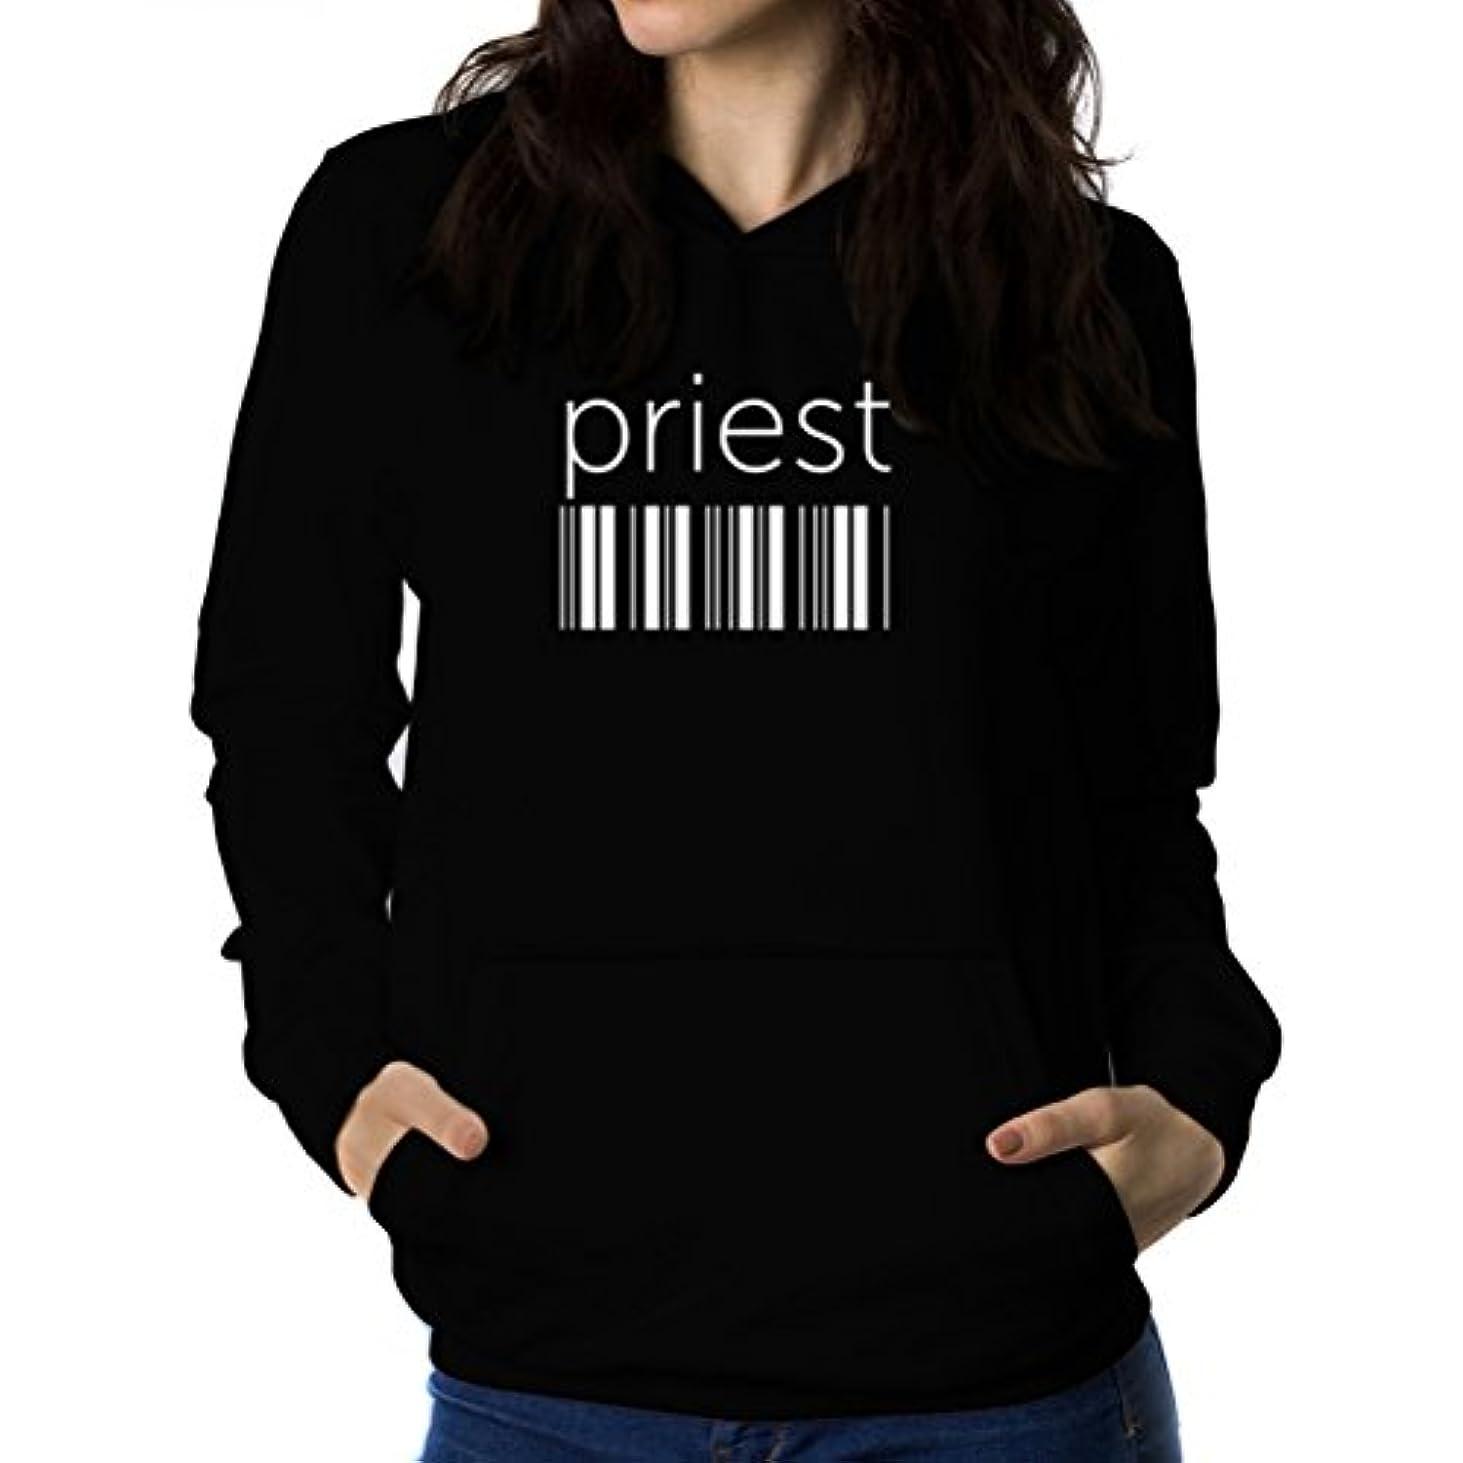 痛い受信機煩わしいPriest barcode 女性 フーディー